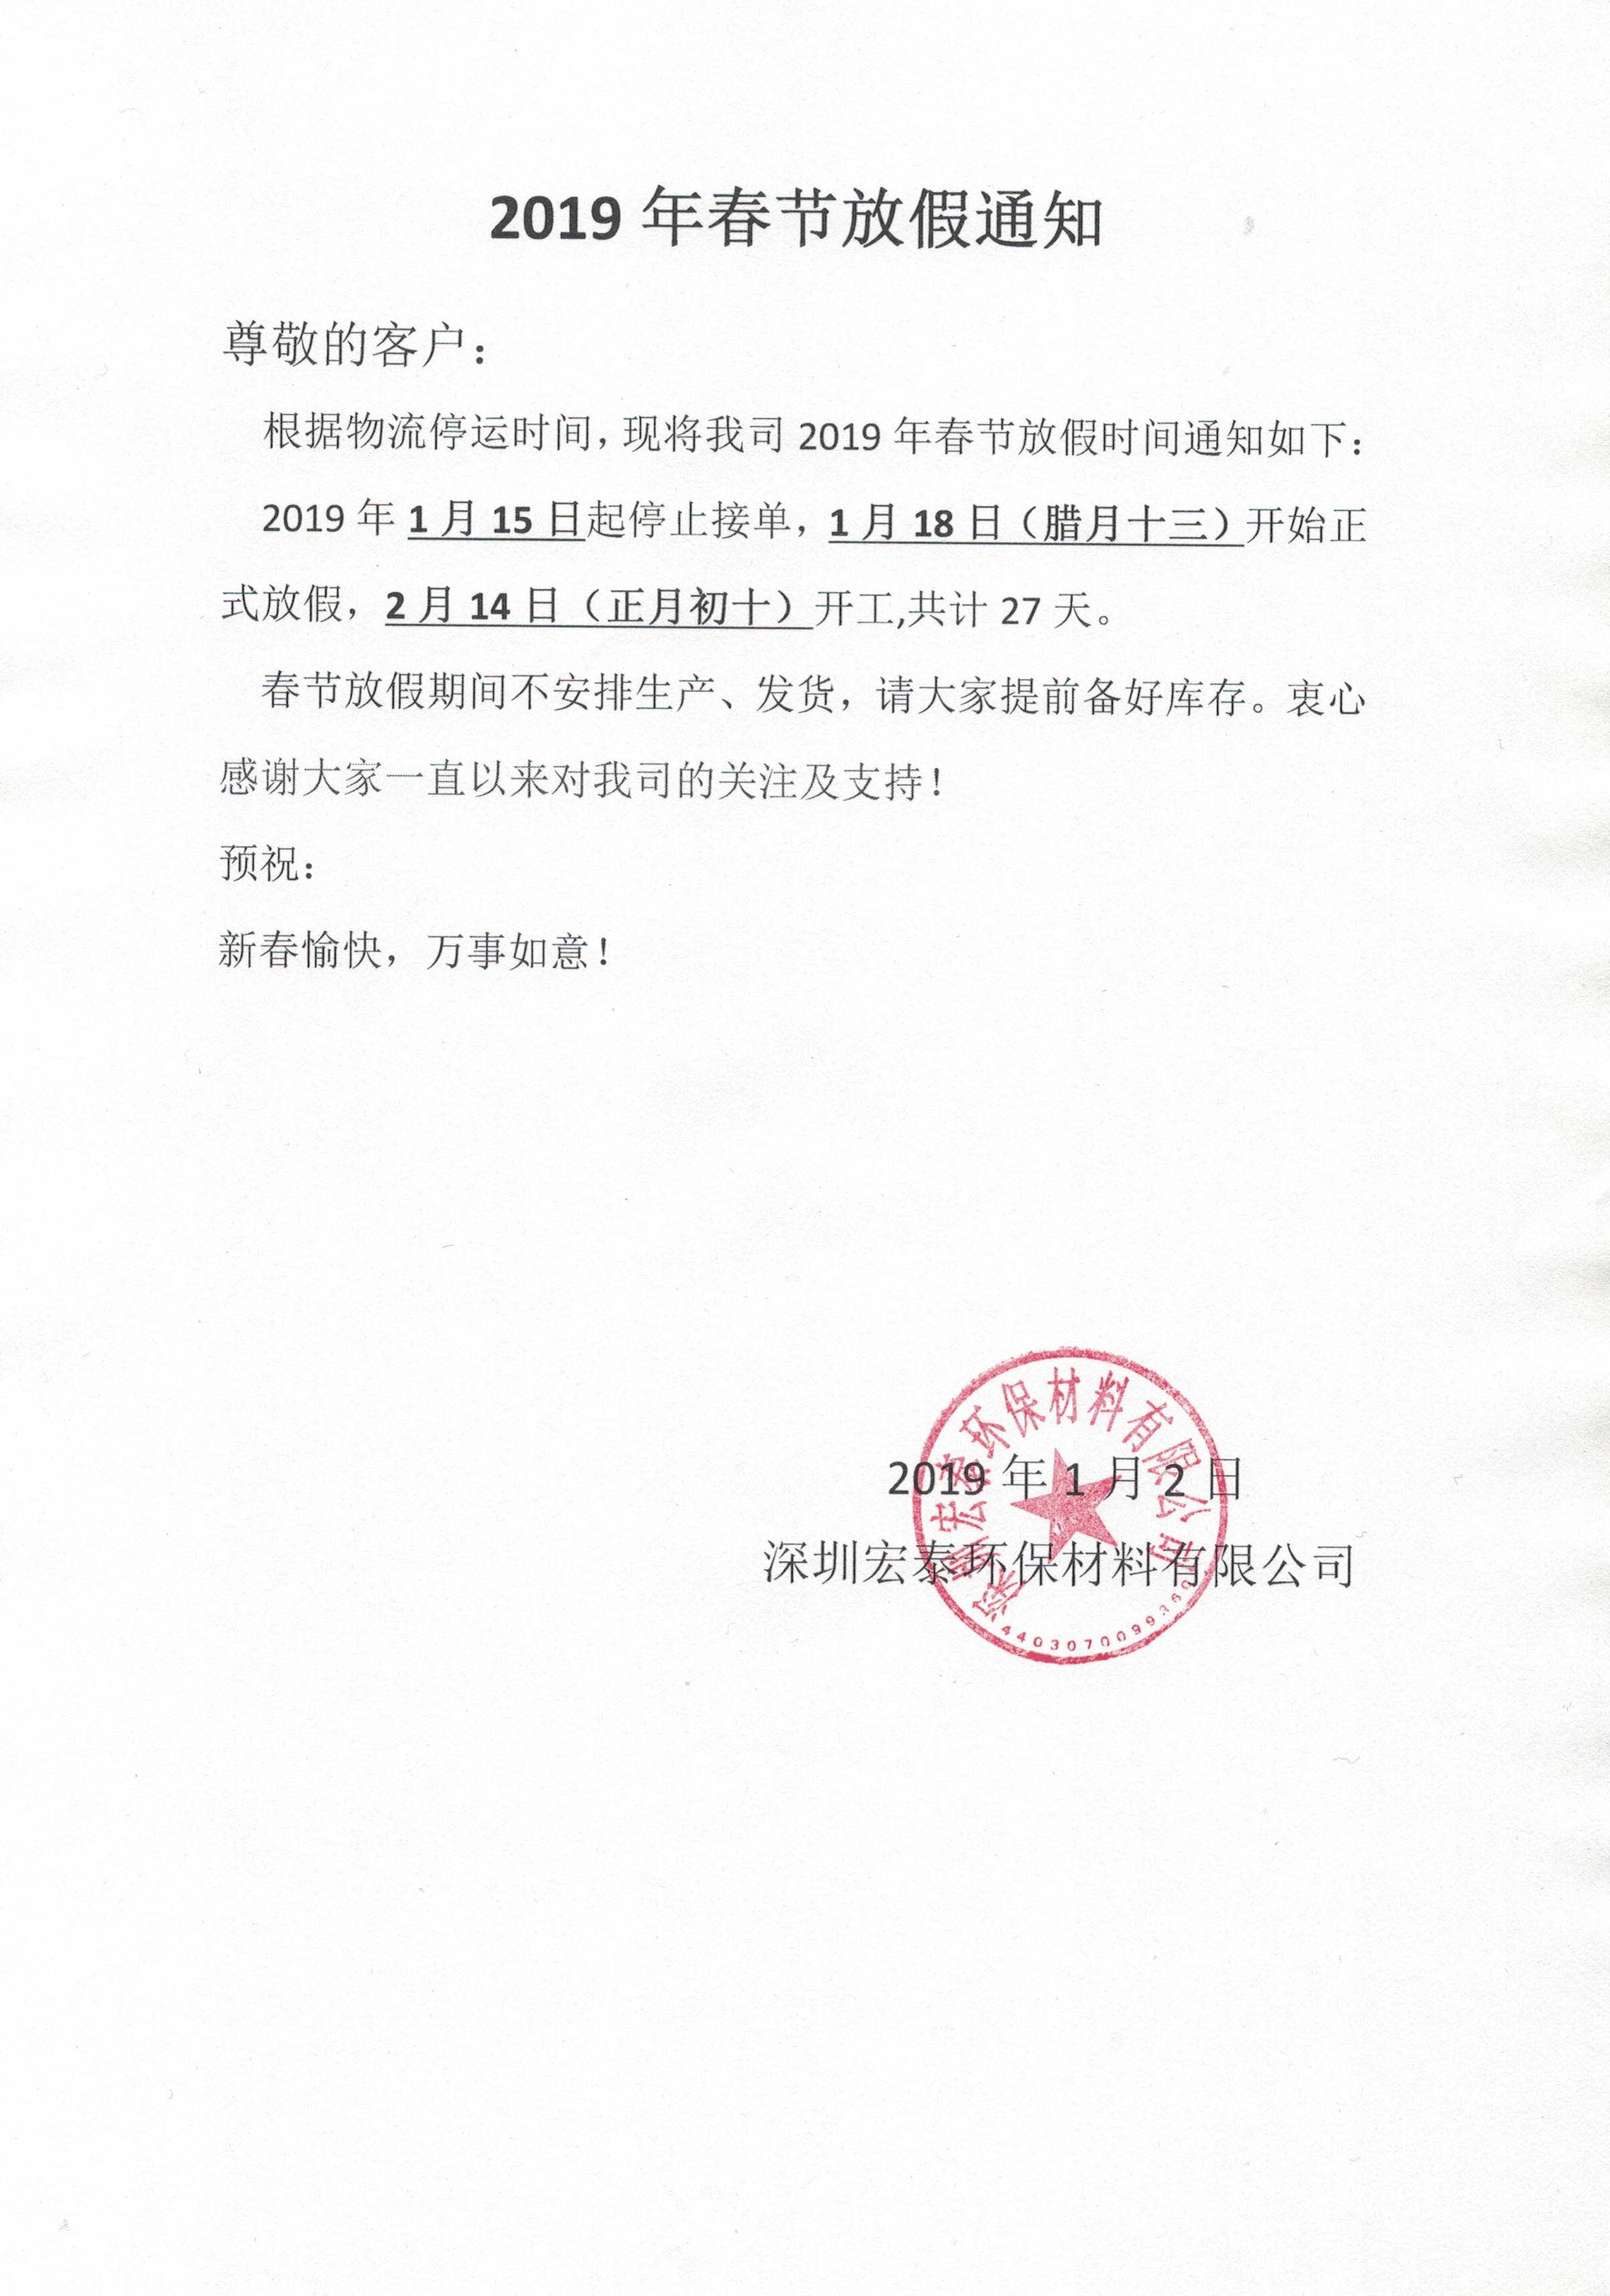 汉林水性木器腻子2019年春节放假通知